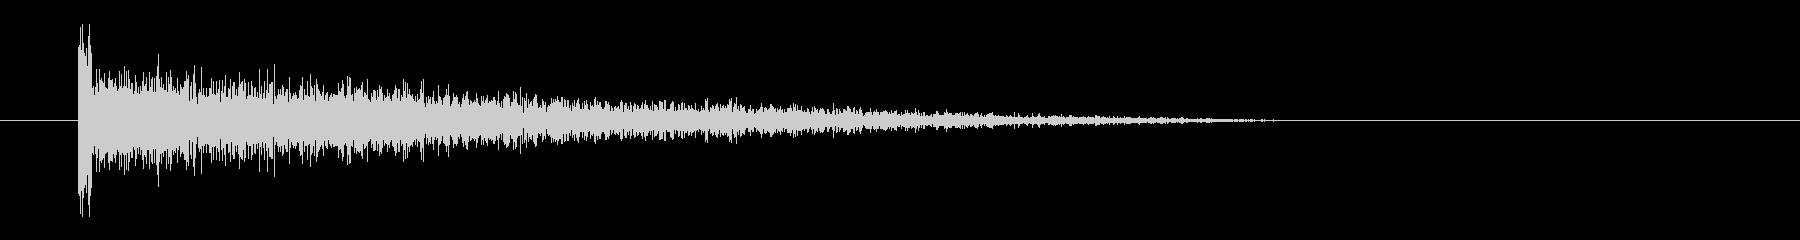 レーザー音-63-3の未再生の波形